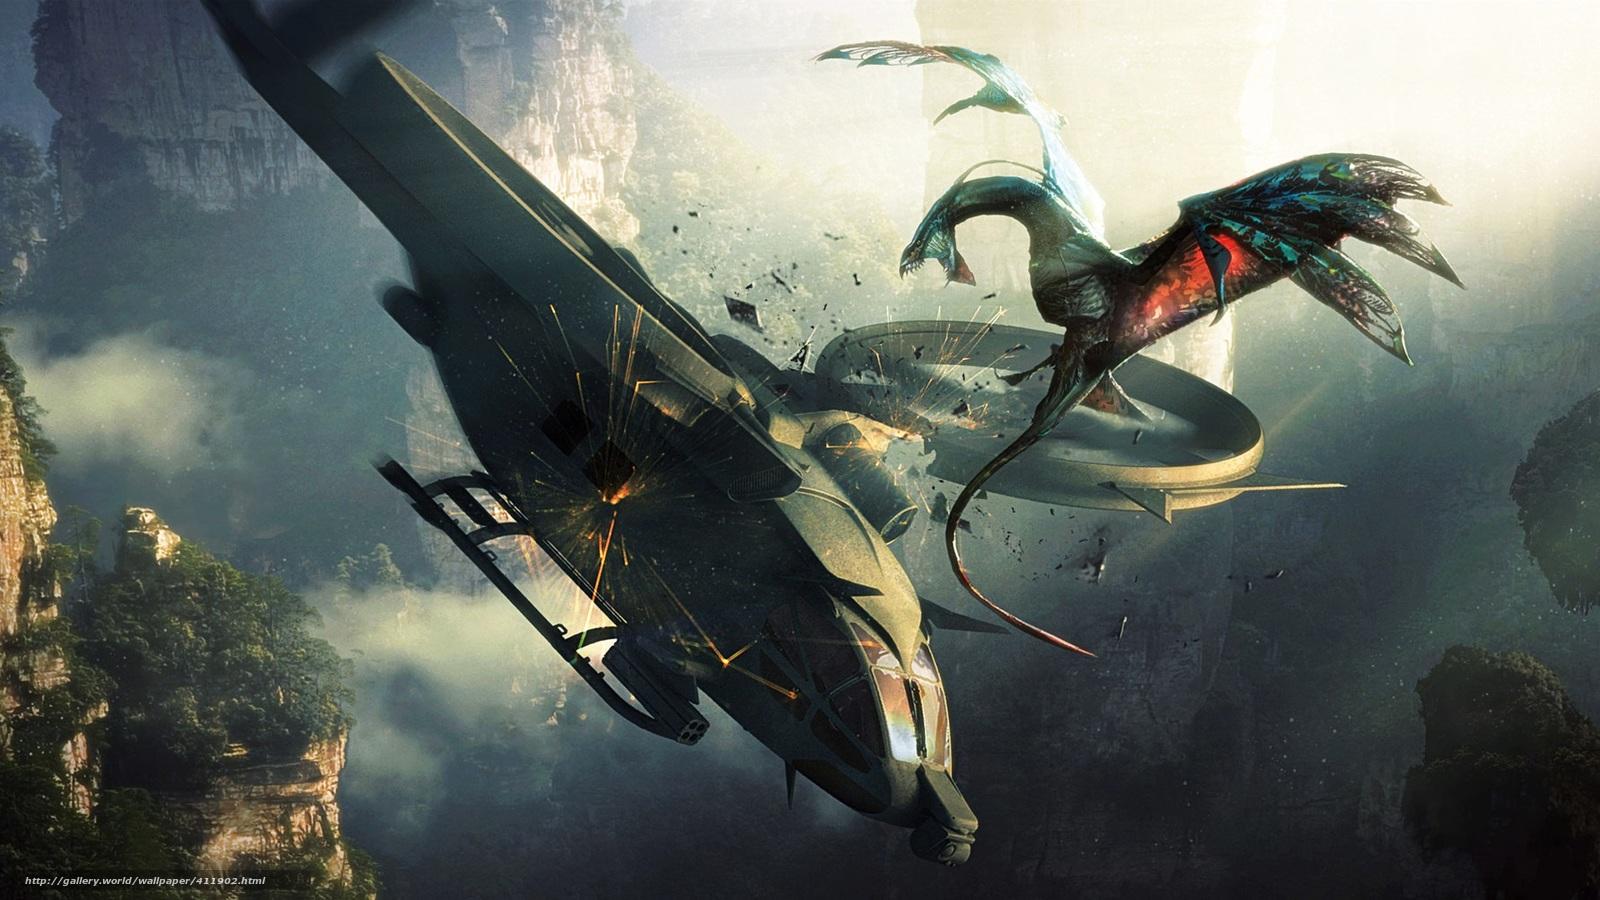 Elicottero Drago 84 : Scaricare gli sfondi avatar elicottero drago